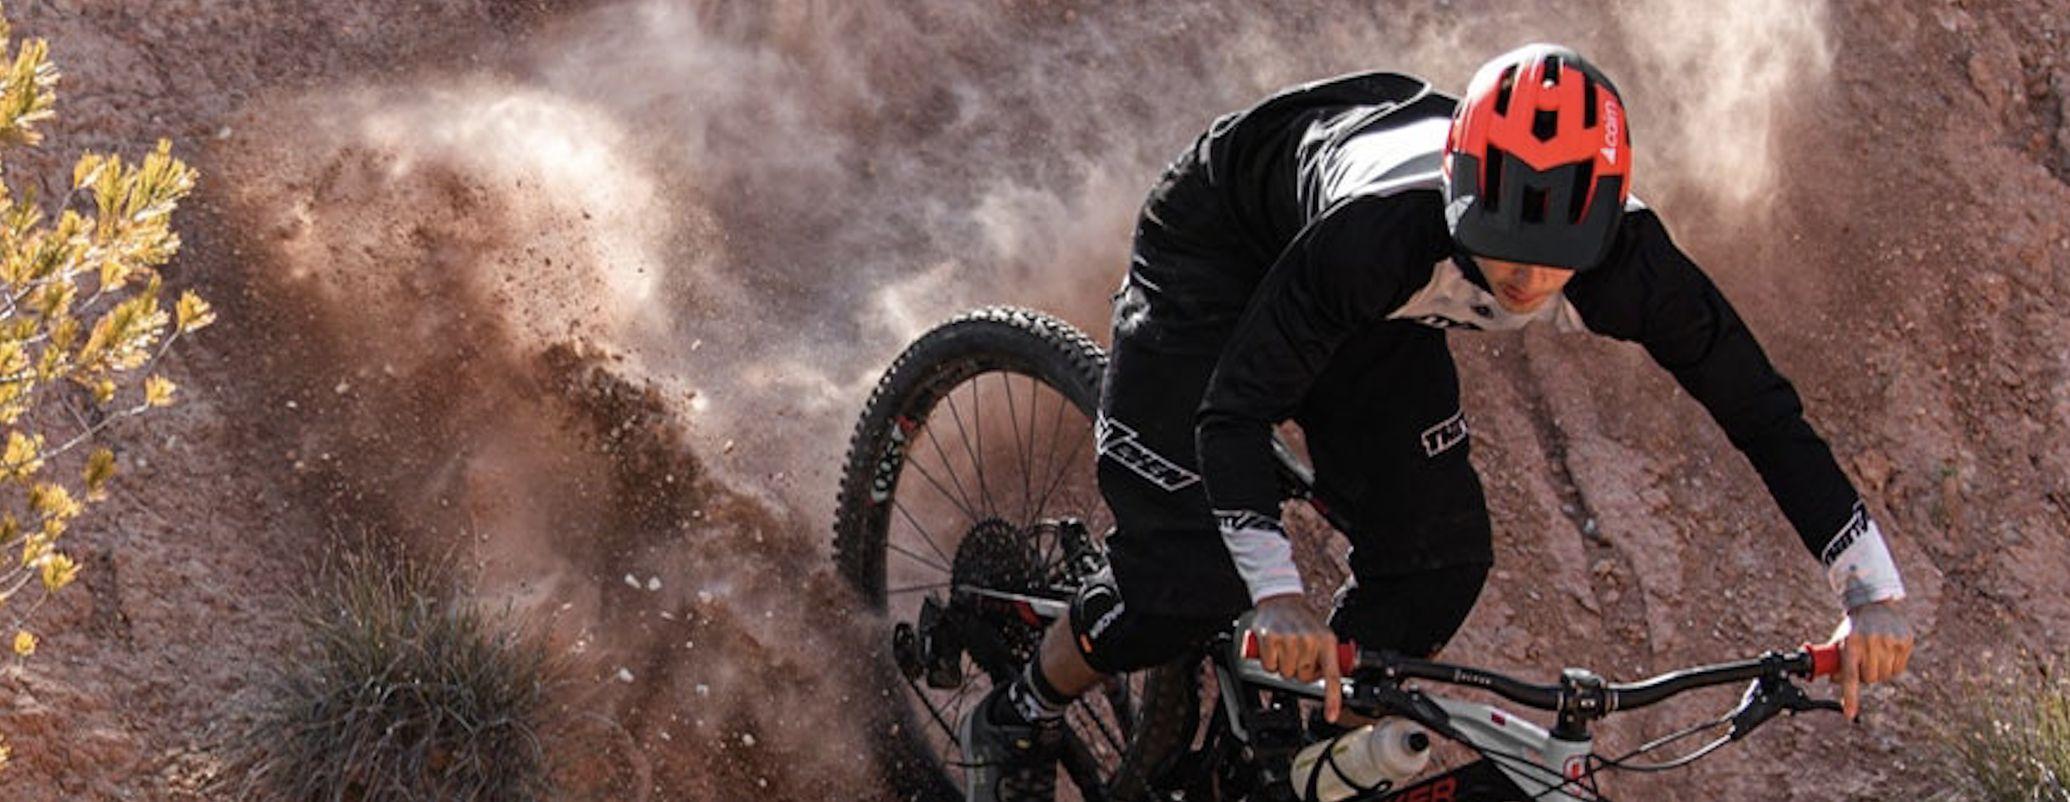 VTT Vélo DH Down hill Cairn Cover marque